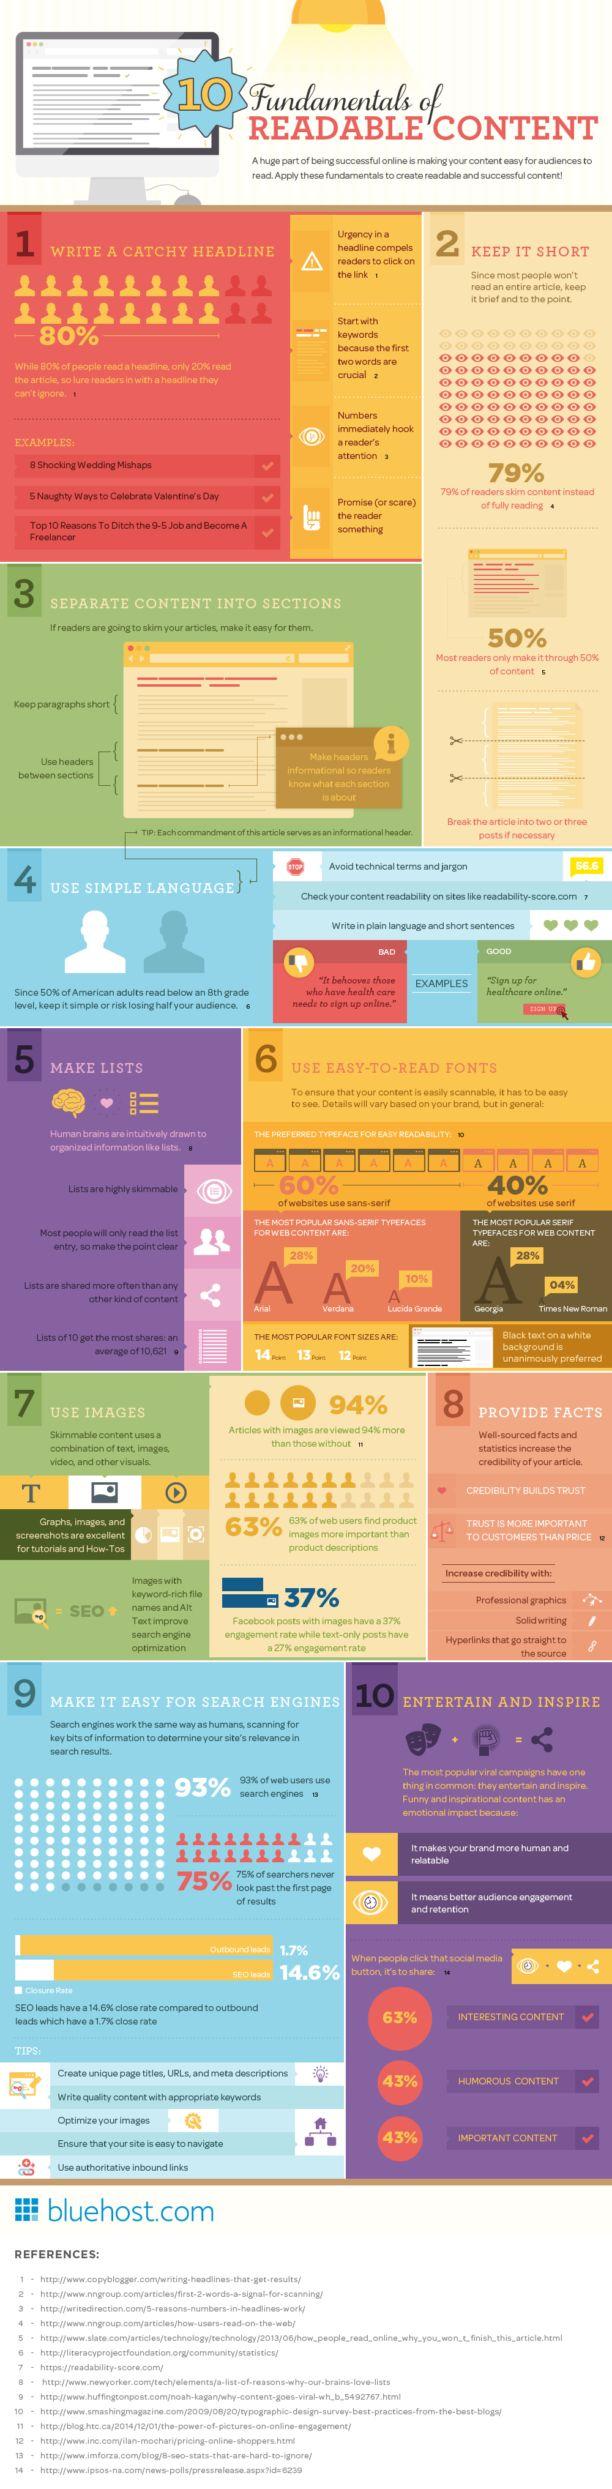 Les 10 règles de la rédaction web - Blog du Modérateur